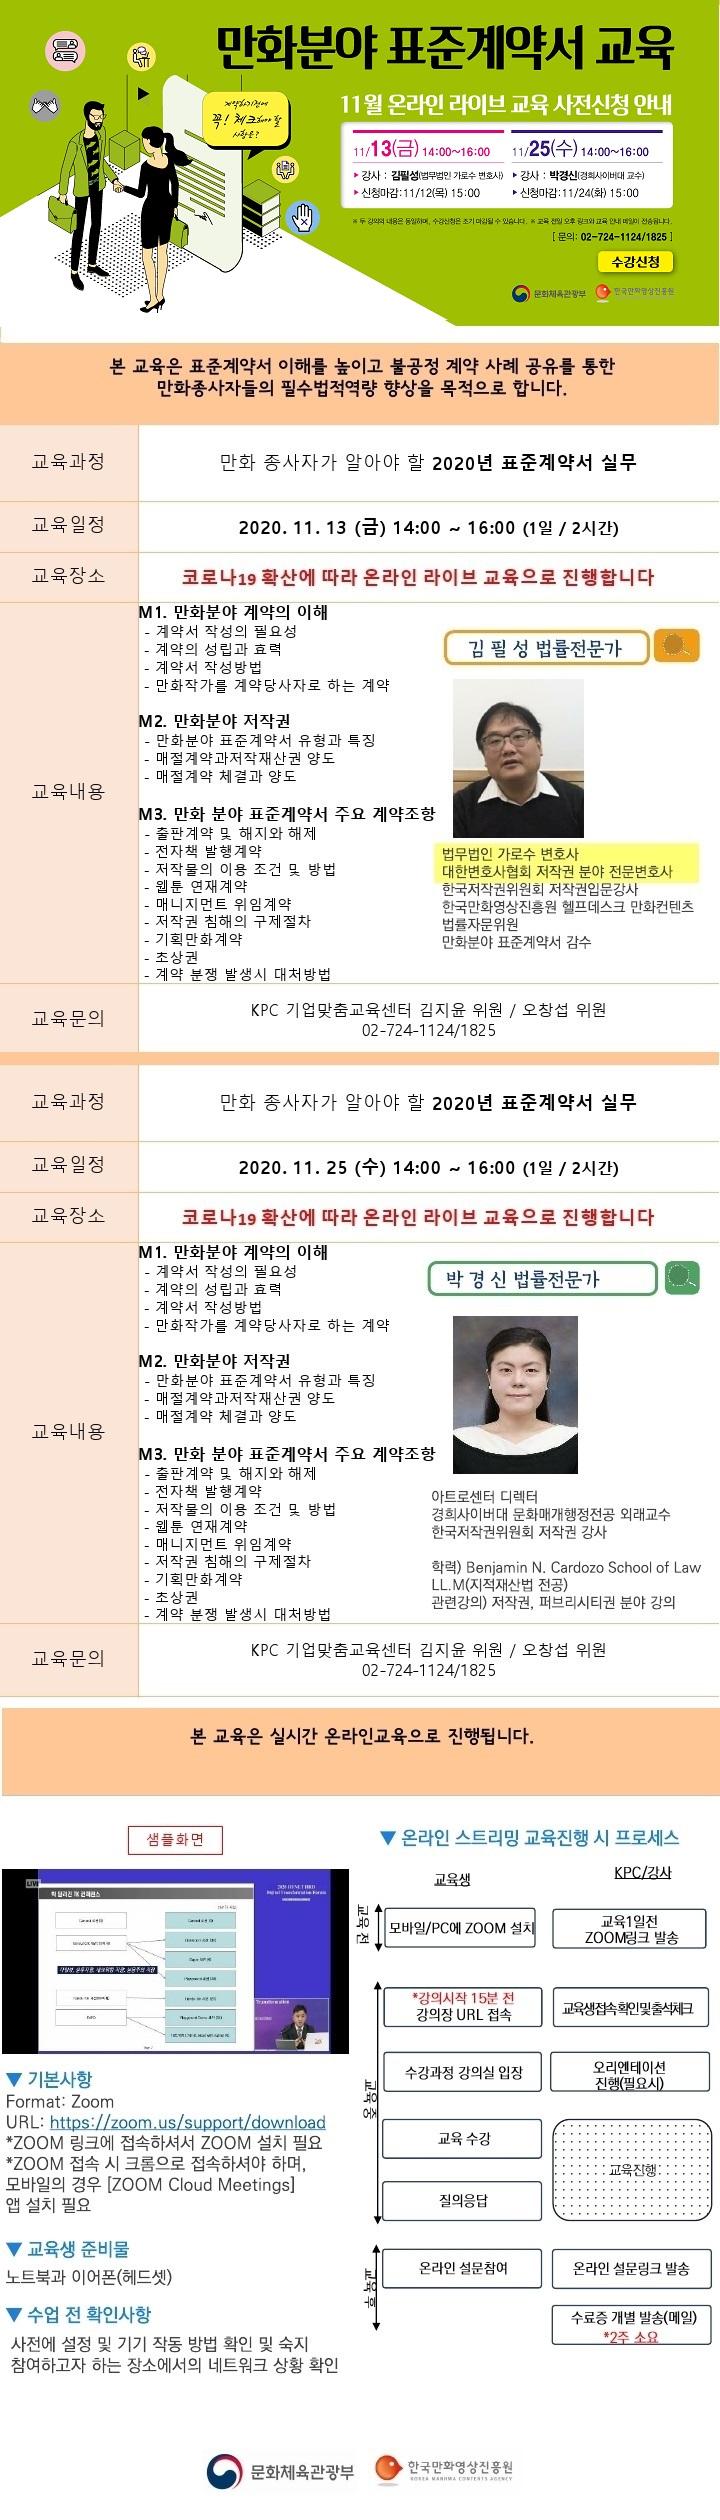 8-1 만화분야 온라인 베너(11월온라인교육안내)_통합_201026.jpg